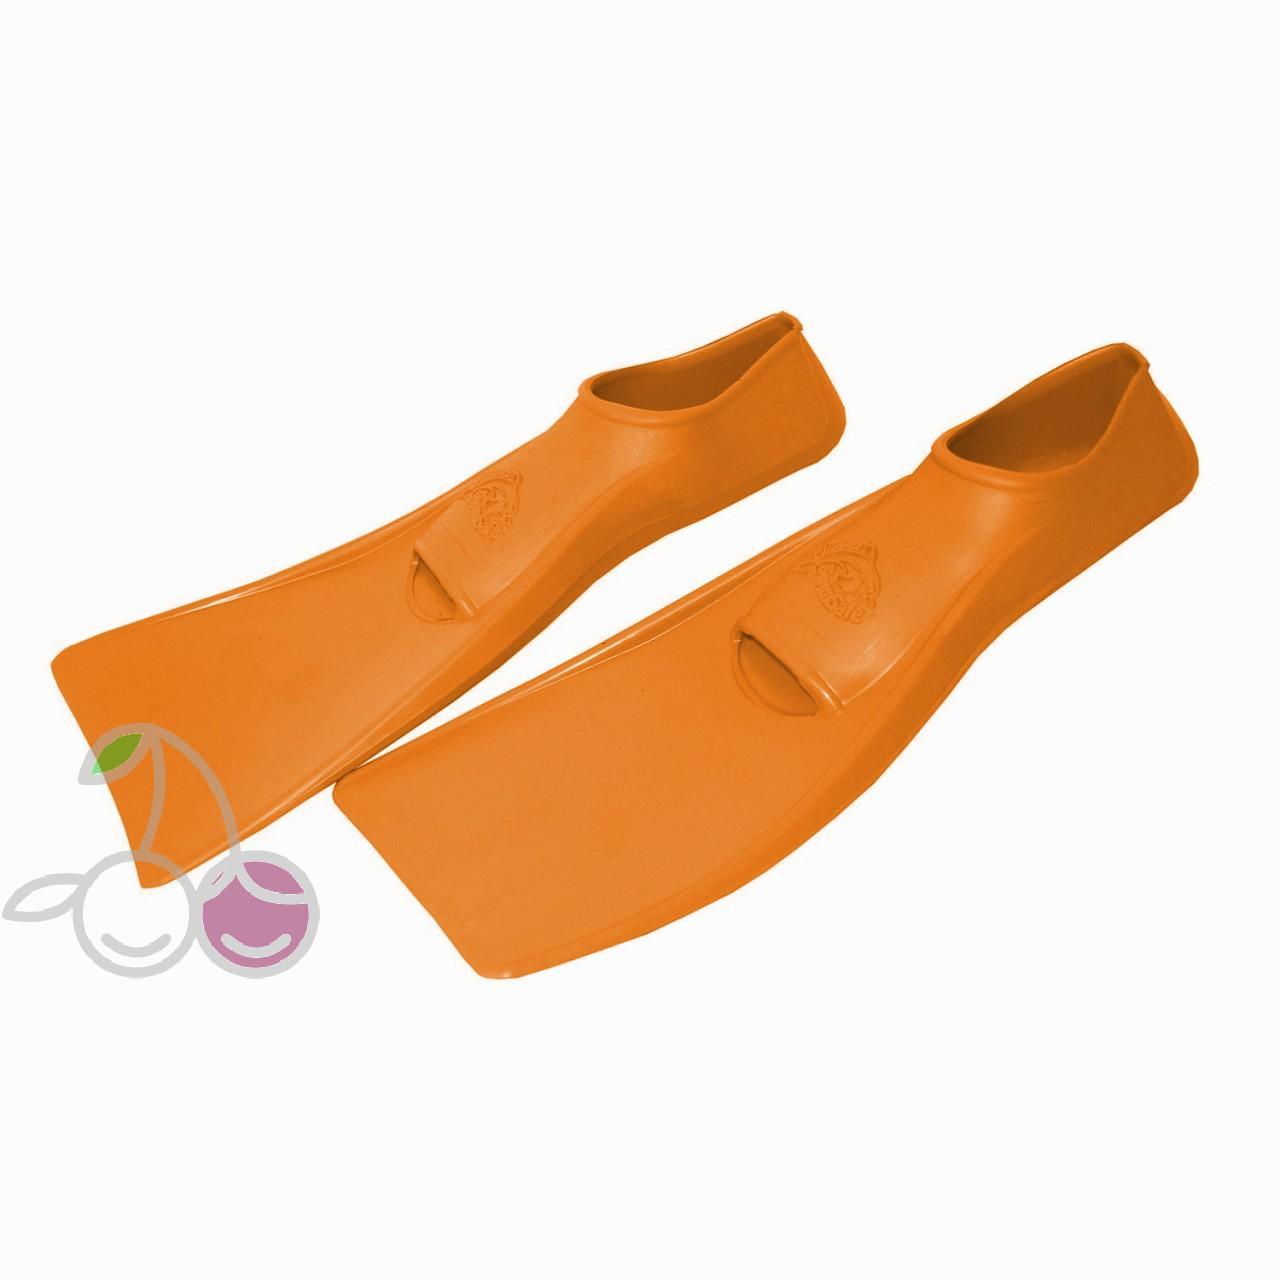 Ласты для бассейна резиновые детские размеры 25-26 оранжевые ПРОПЕРКЭРРИ (ProperCarry), - фото 2